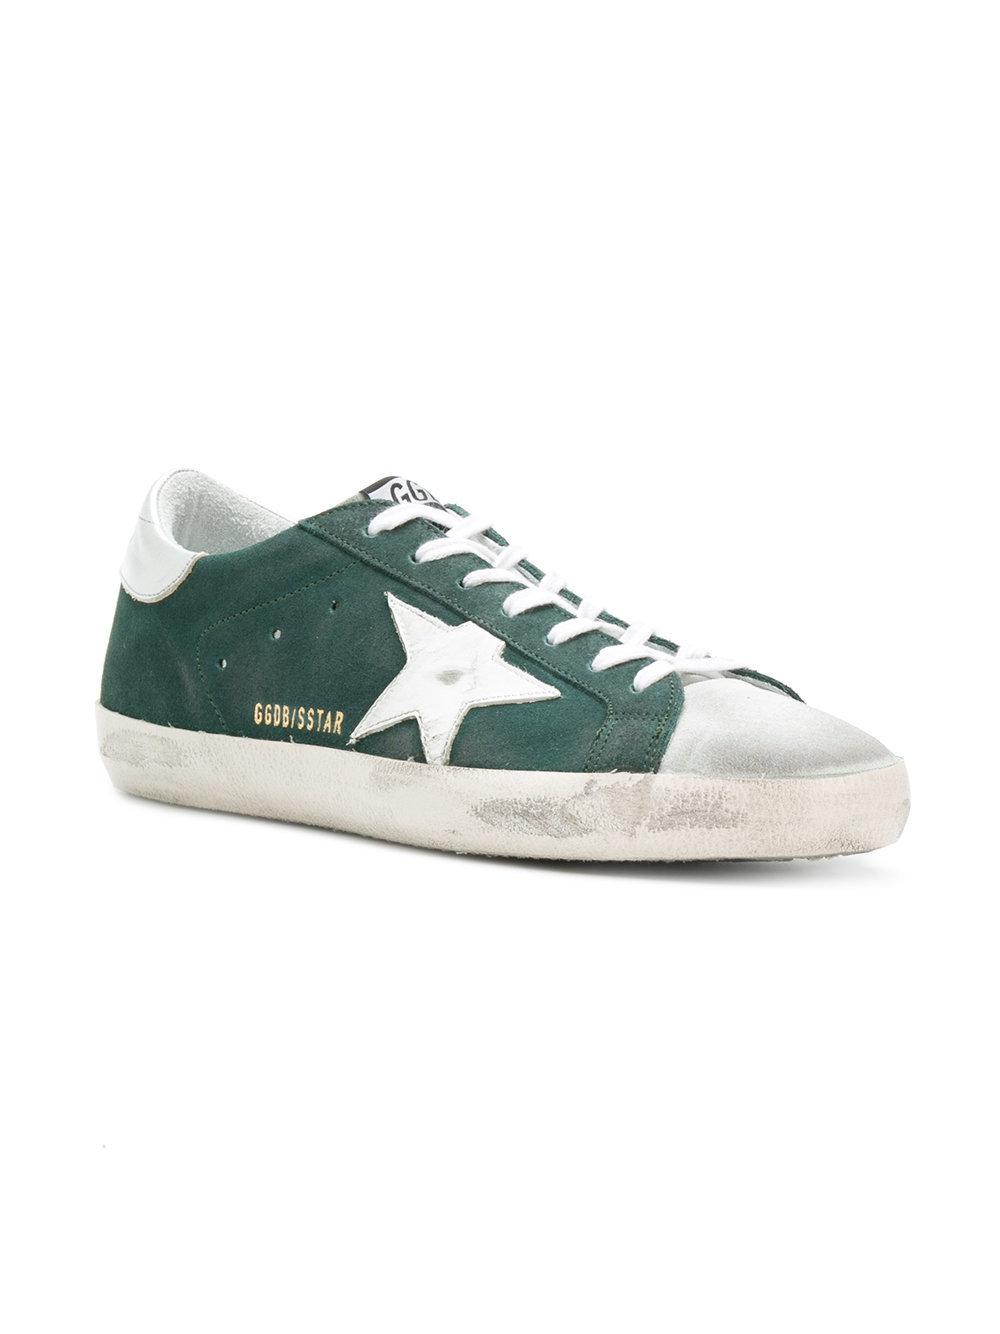 7c88b298bd1c ... Golden Goose Deluxe Brand Sneakers ...